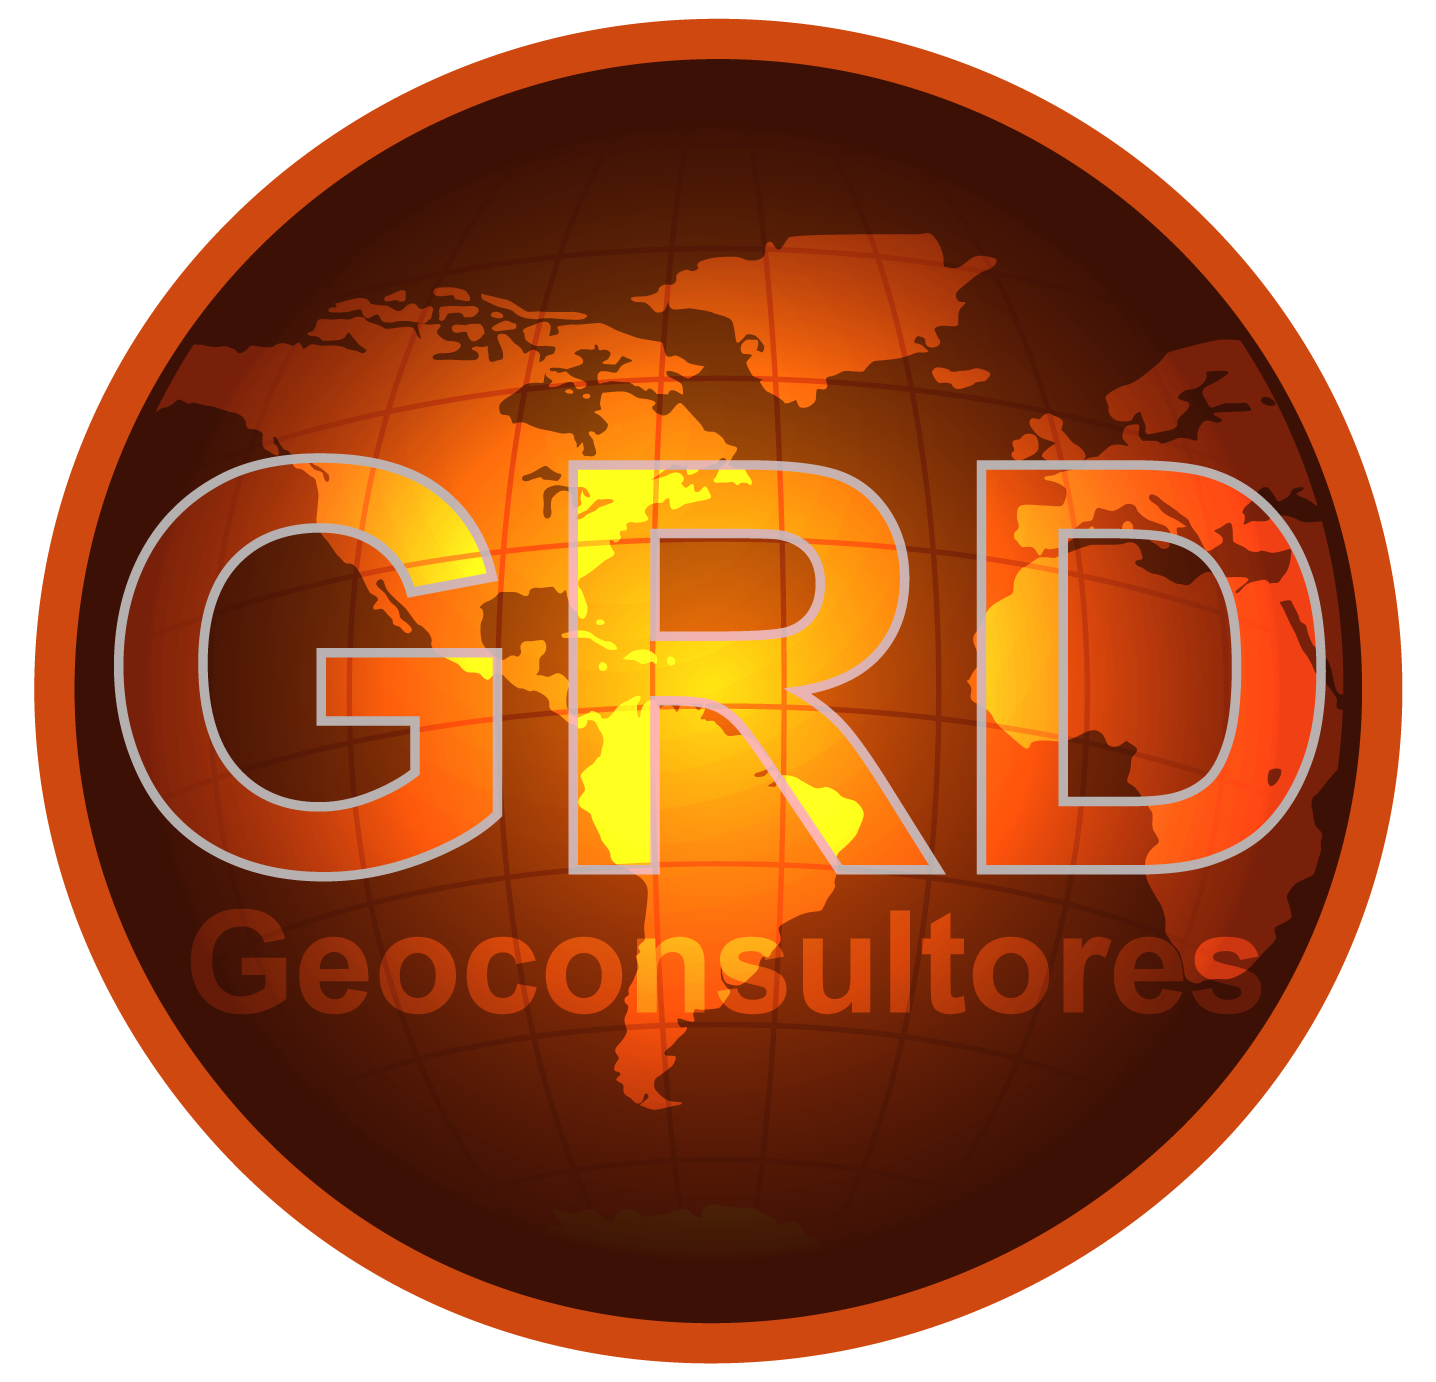 GRD Geoconsultores